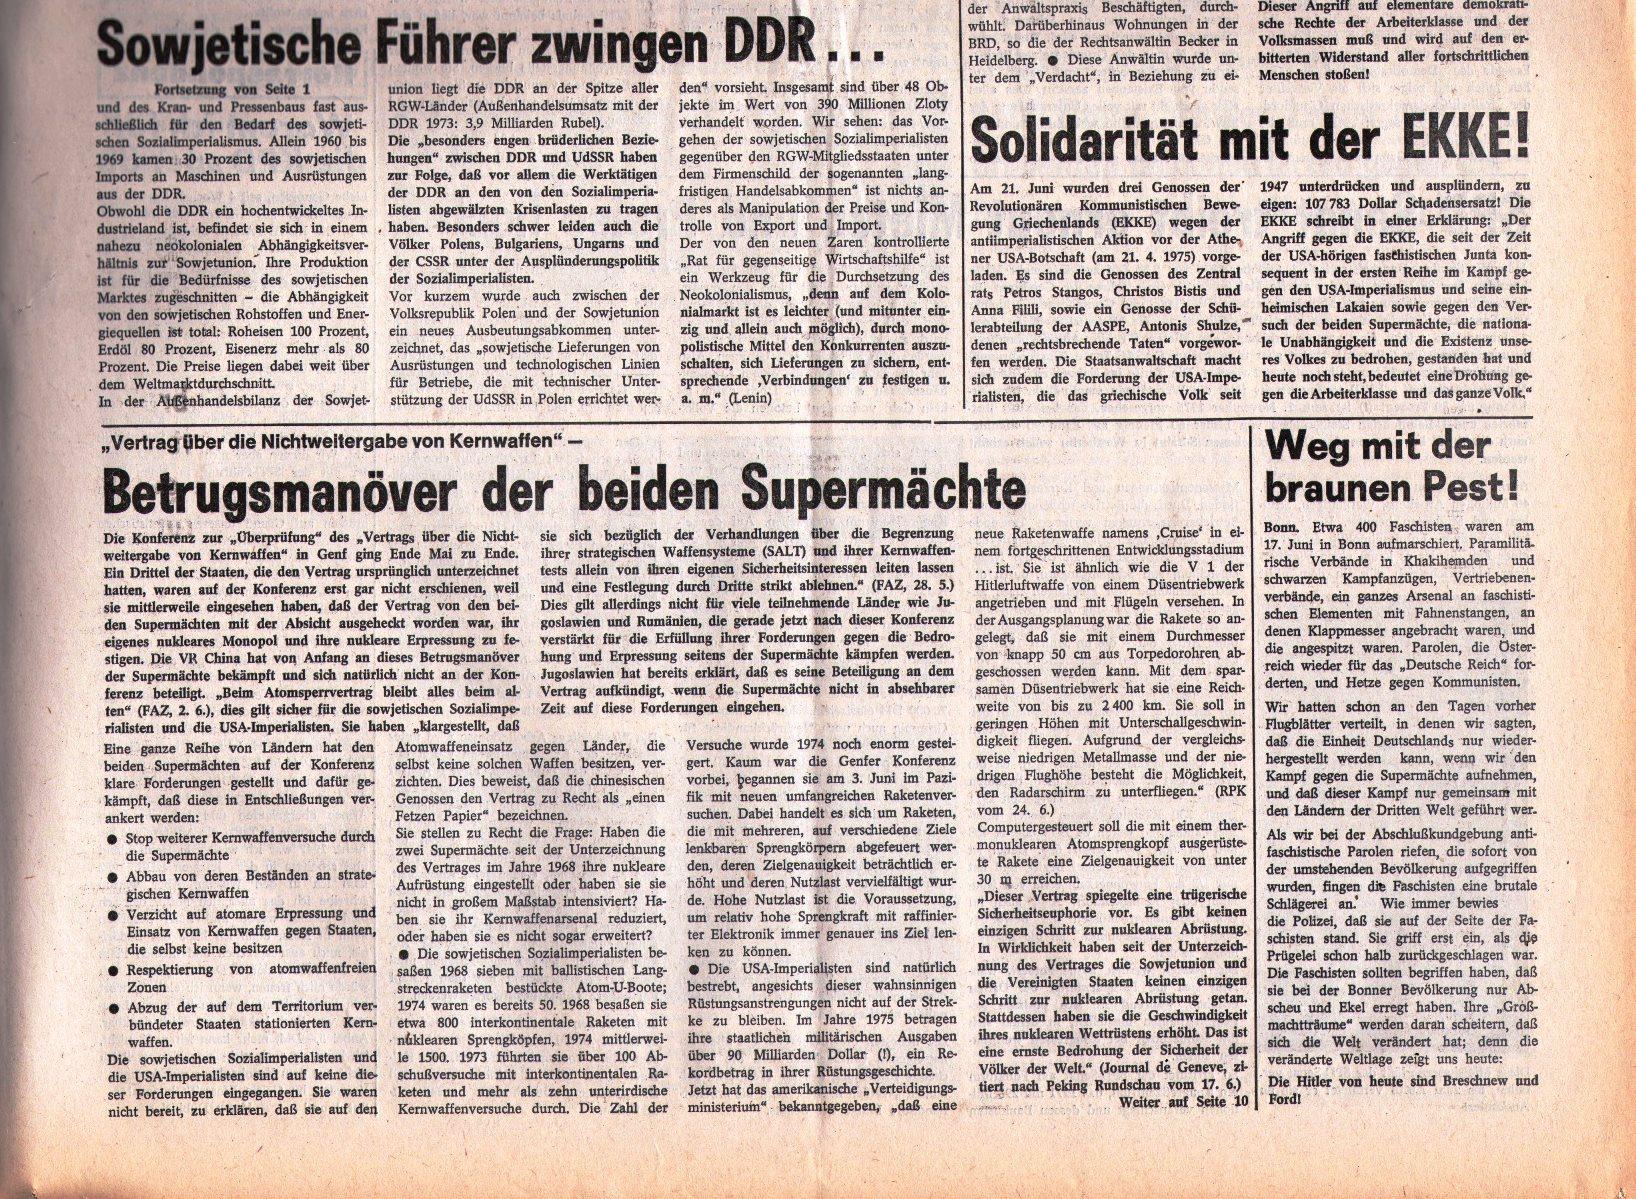 KPD_Rote_Fahne_1975_25_06